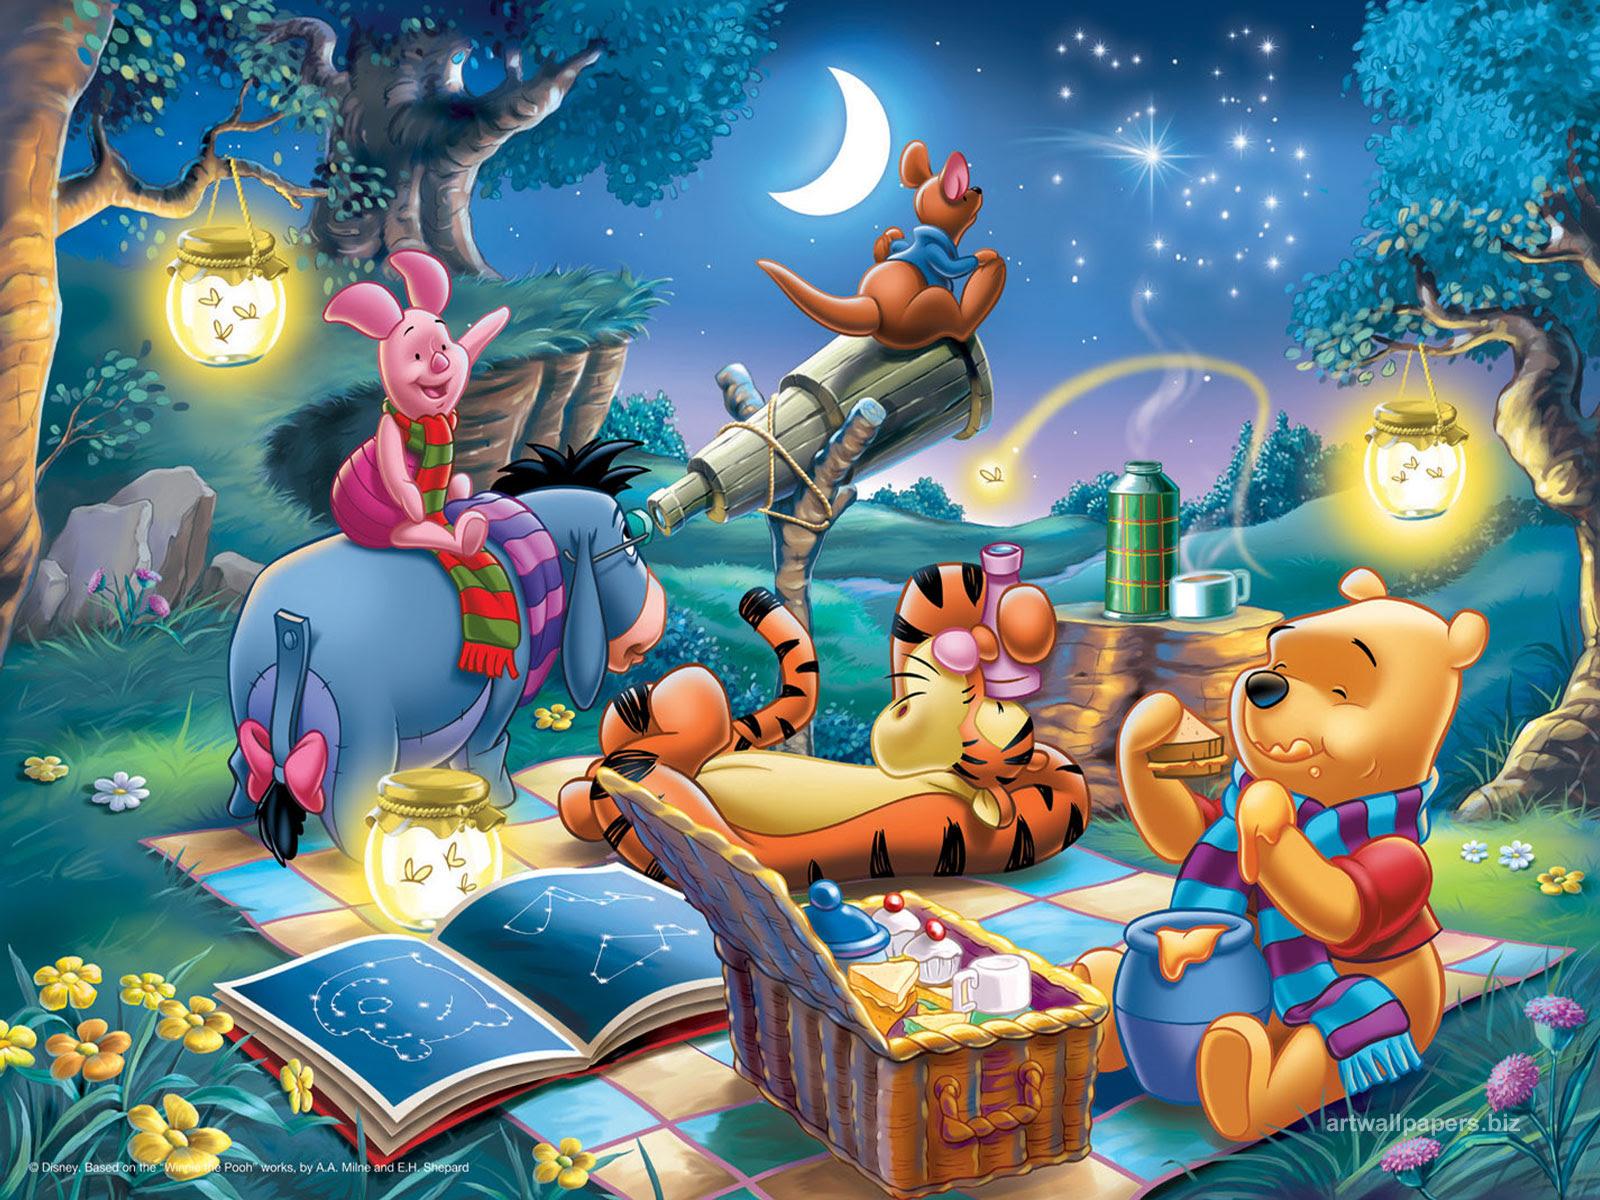 KUMPULAN GAMBAR WINNIE THE POOH TERBARU Foto Kartun Winnie The Pooh